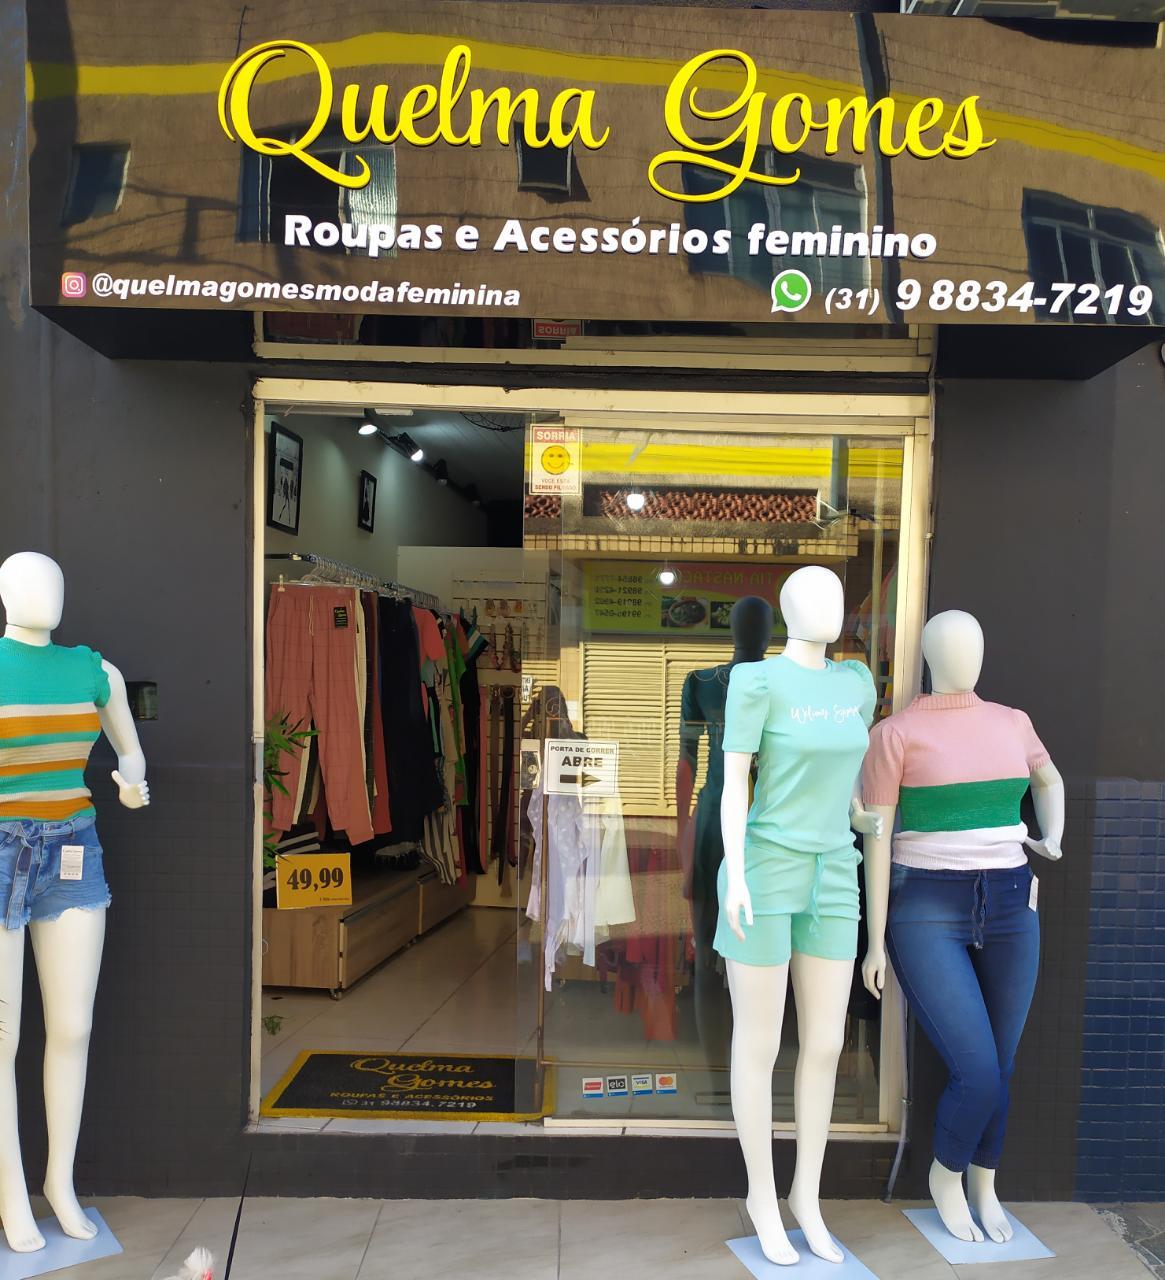 Quelma Gomes Roupas e Acessórios Feminino